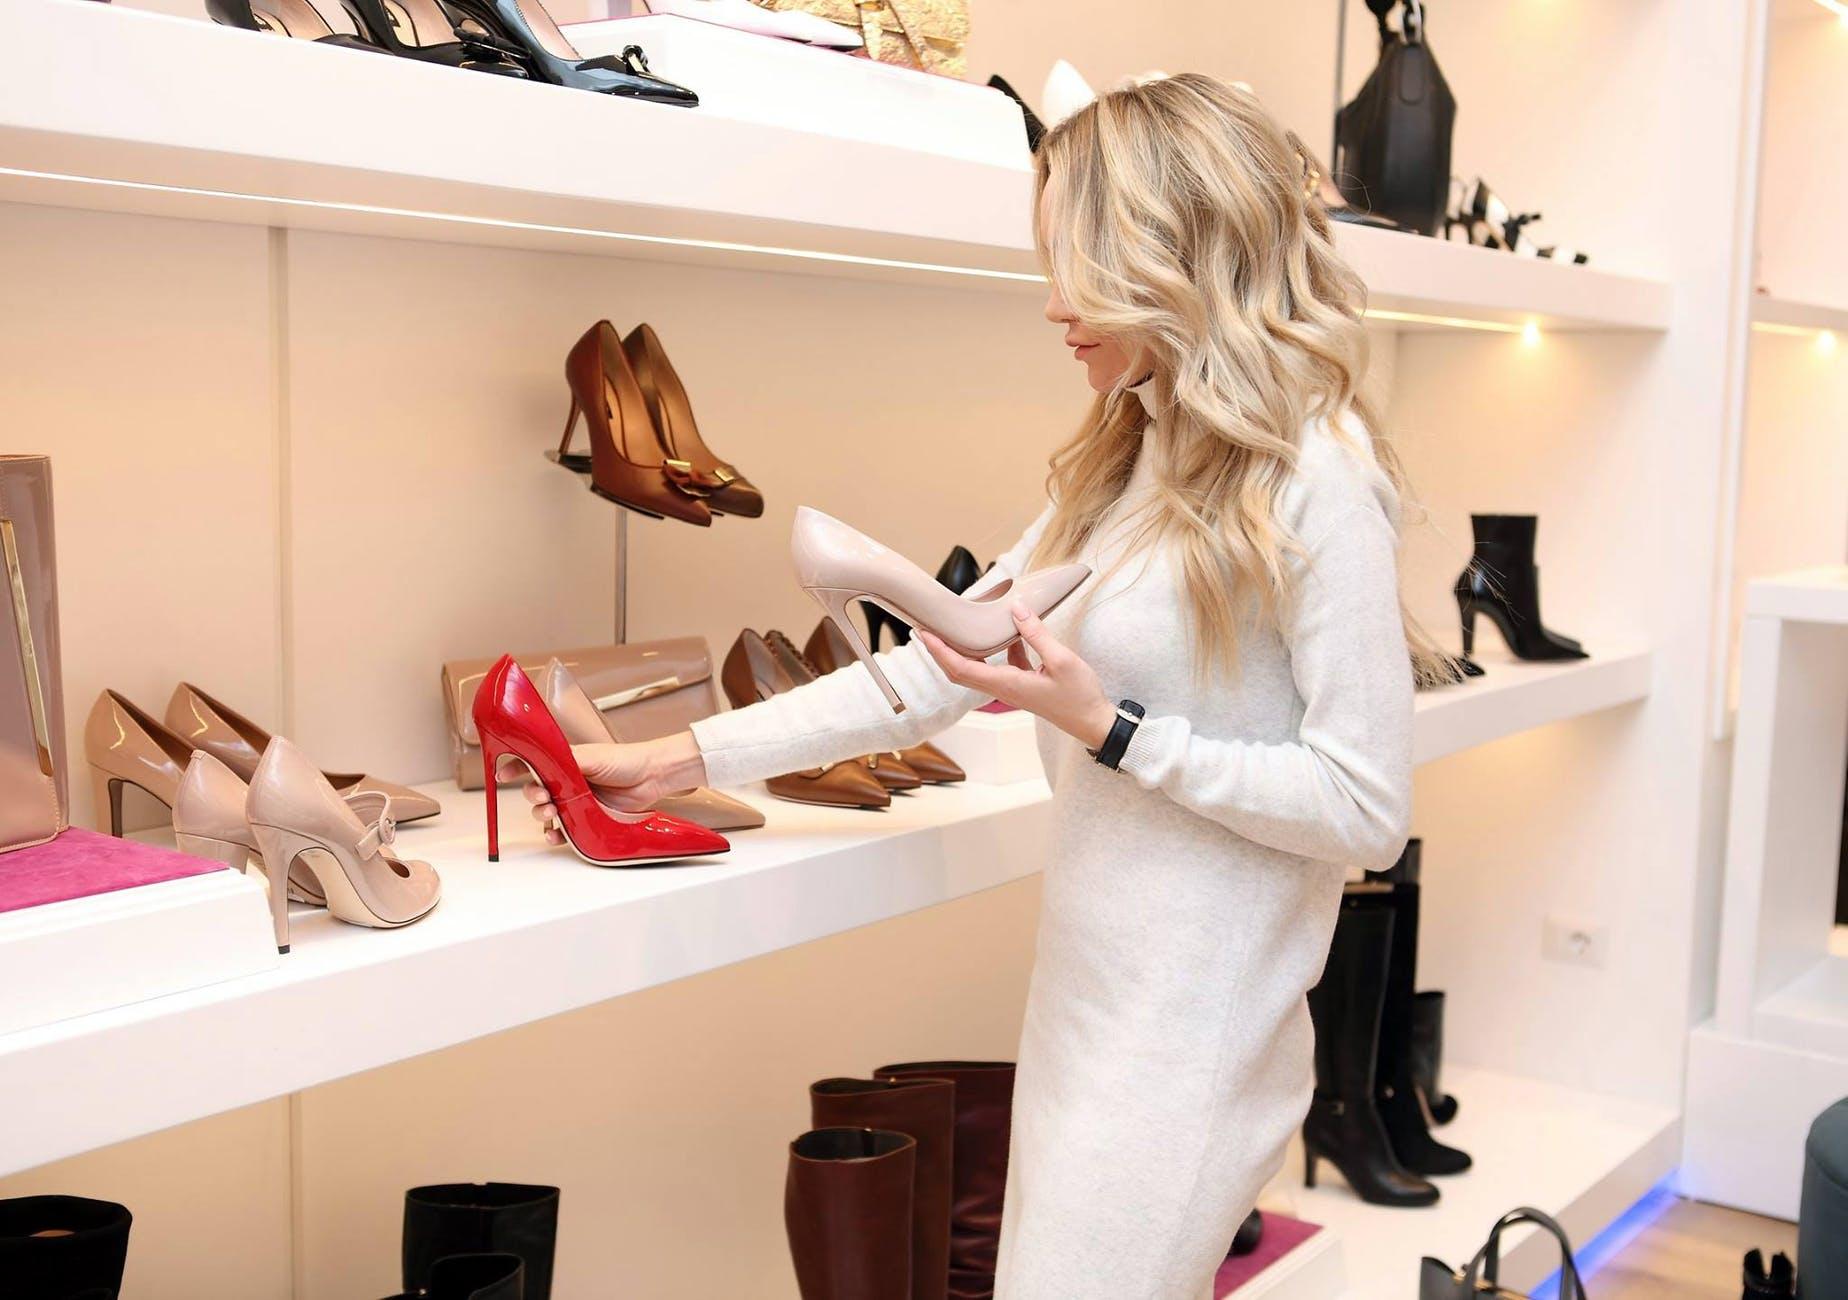 Zakupy z personal shopperem – czemu warto się na nie zdecydować? - Zdjęcie główne